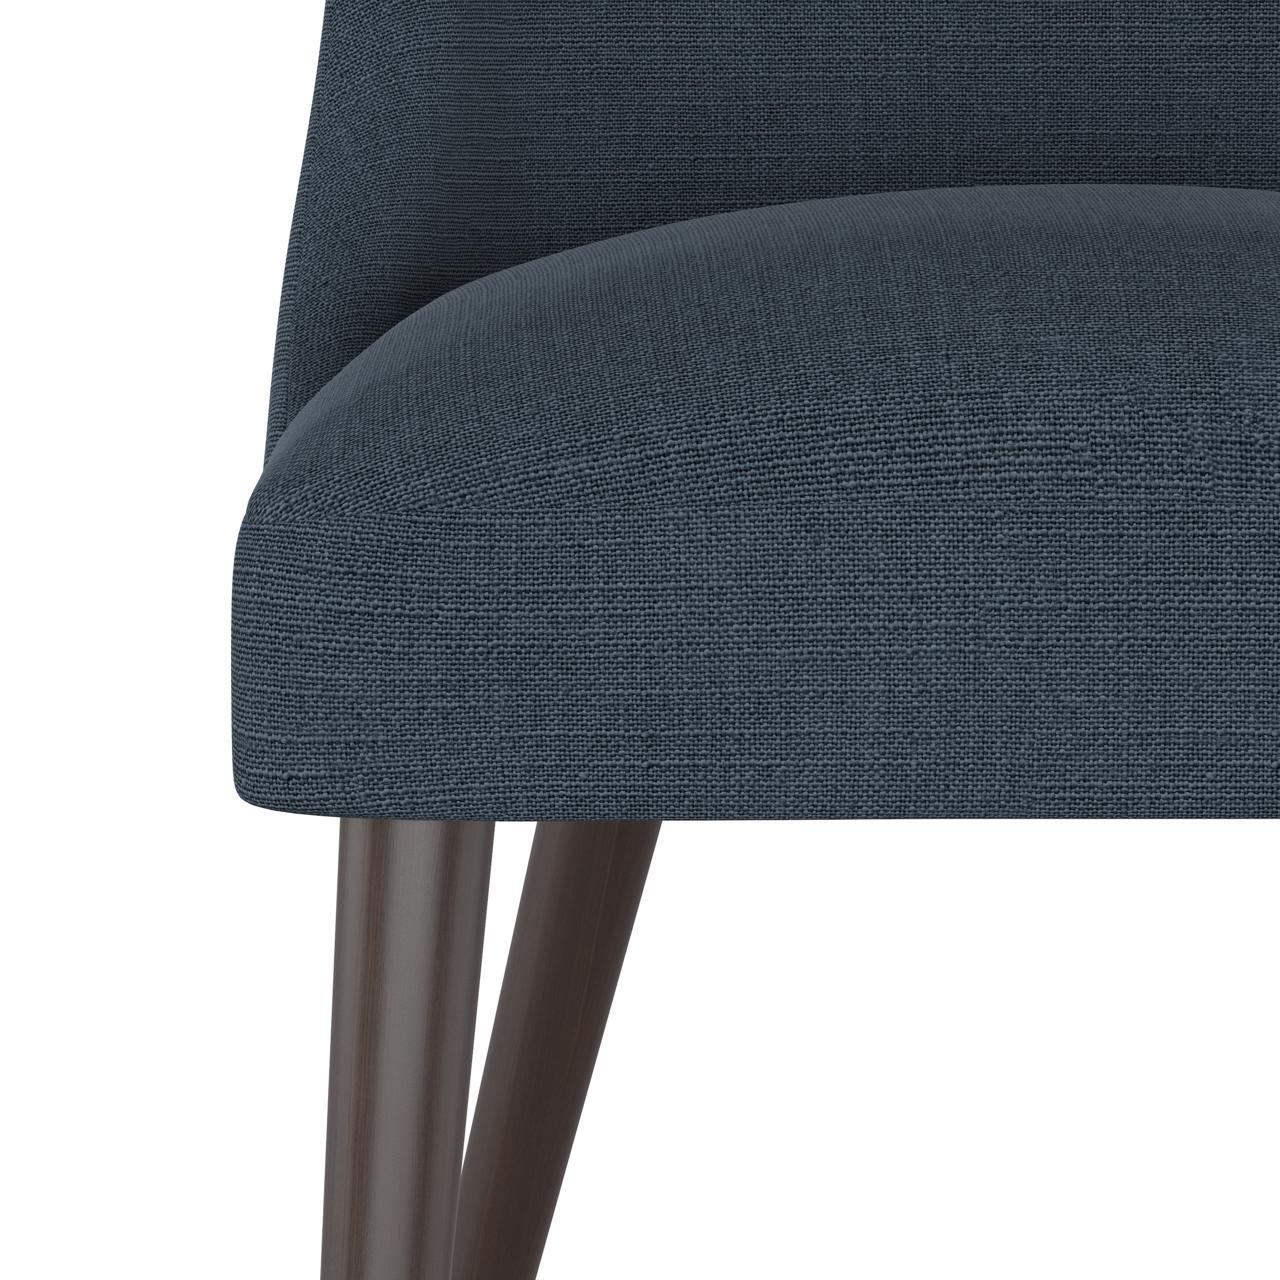 Tara Dining Chair in Linen Navy